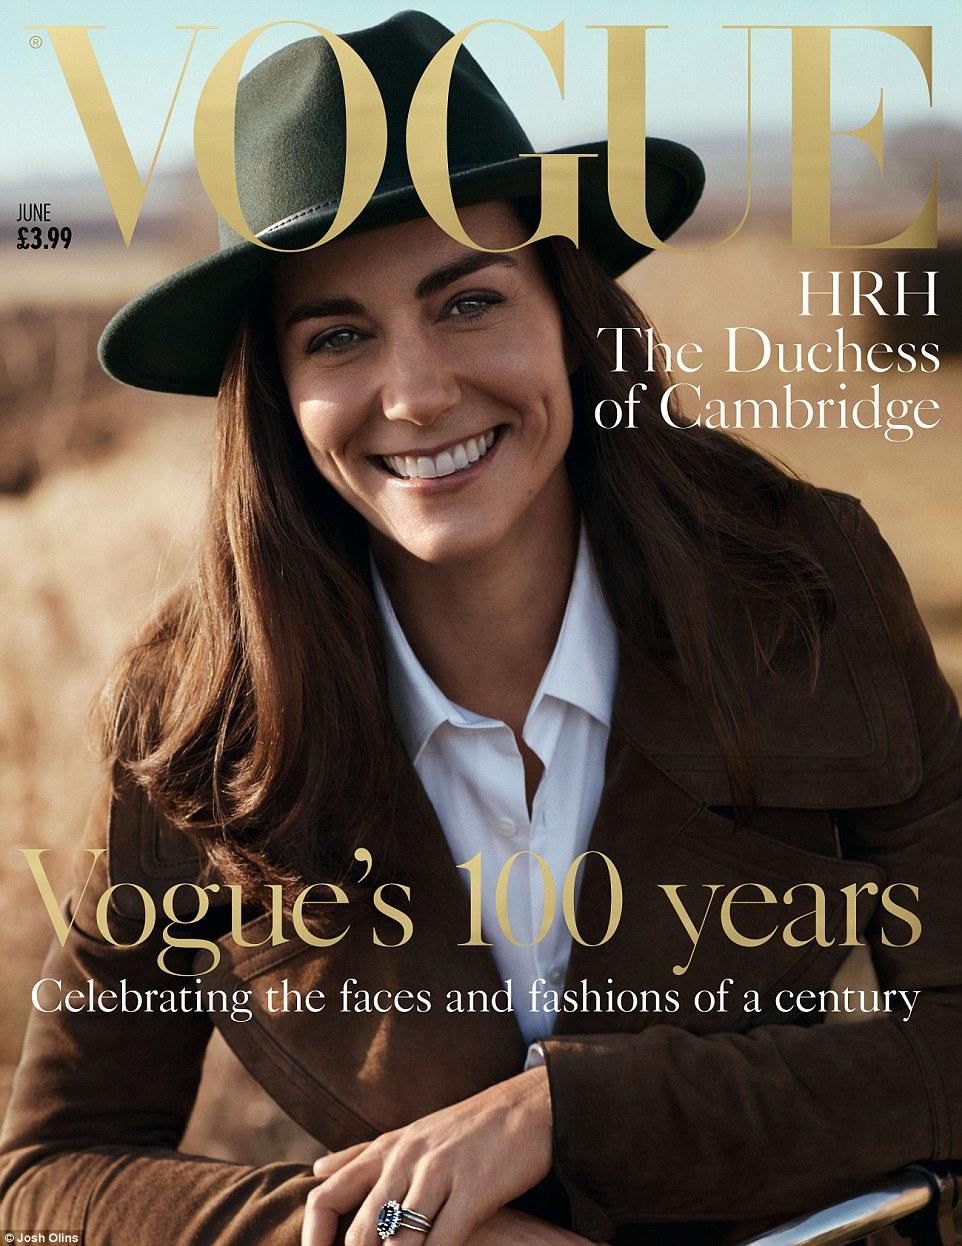 British Vogue's June issue